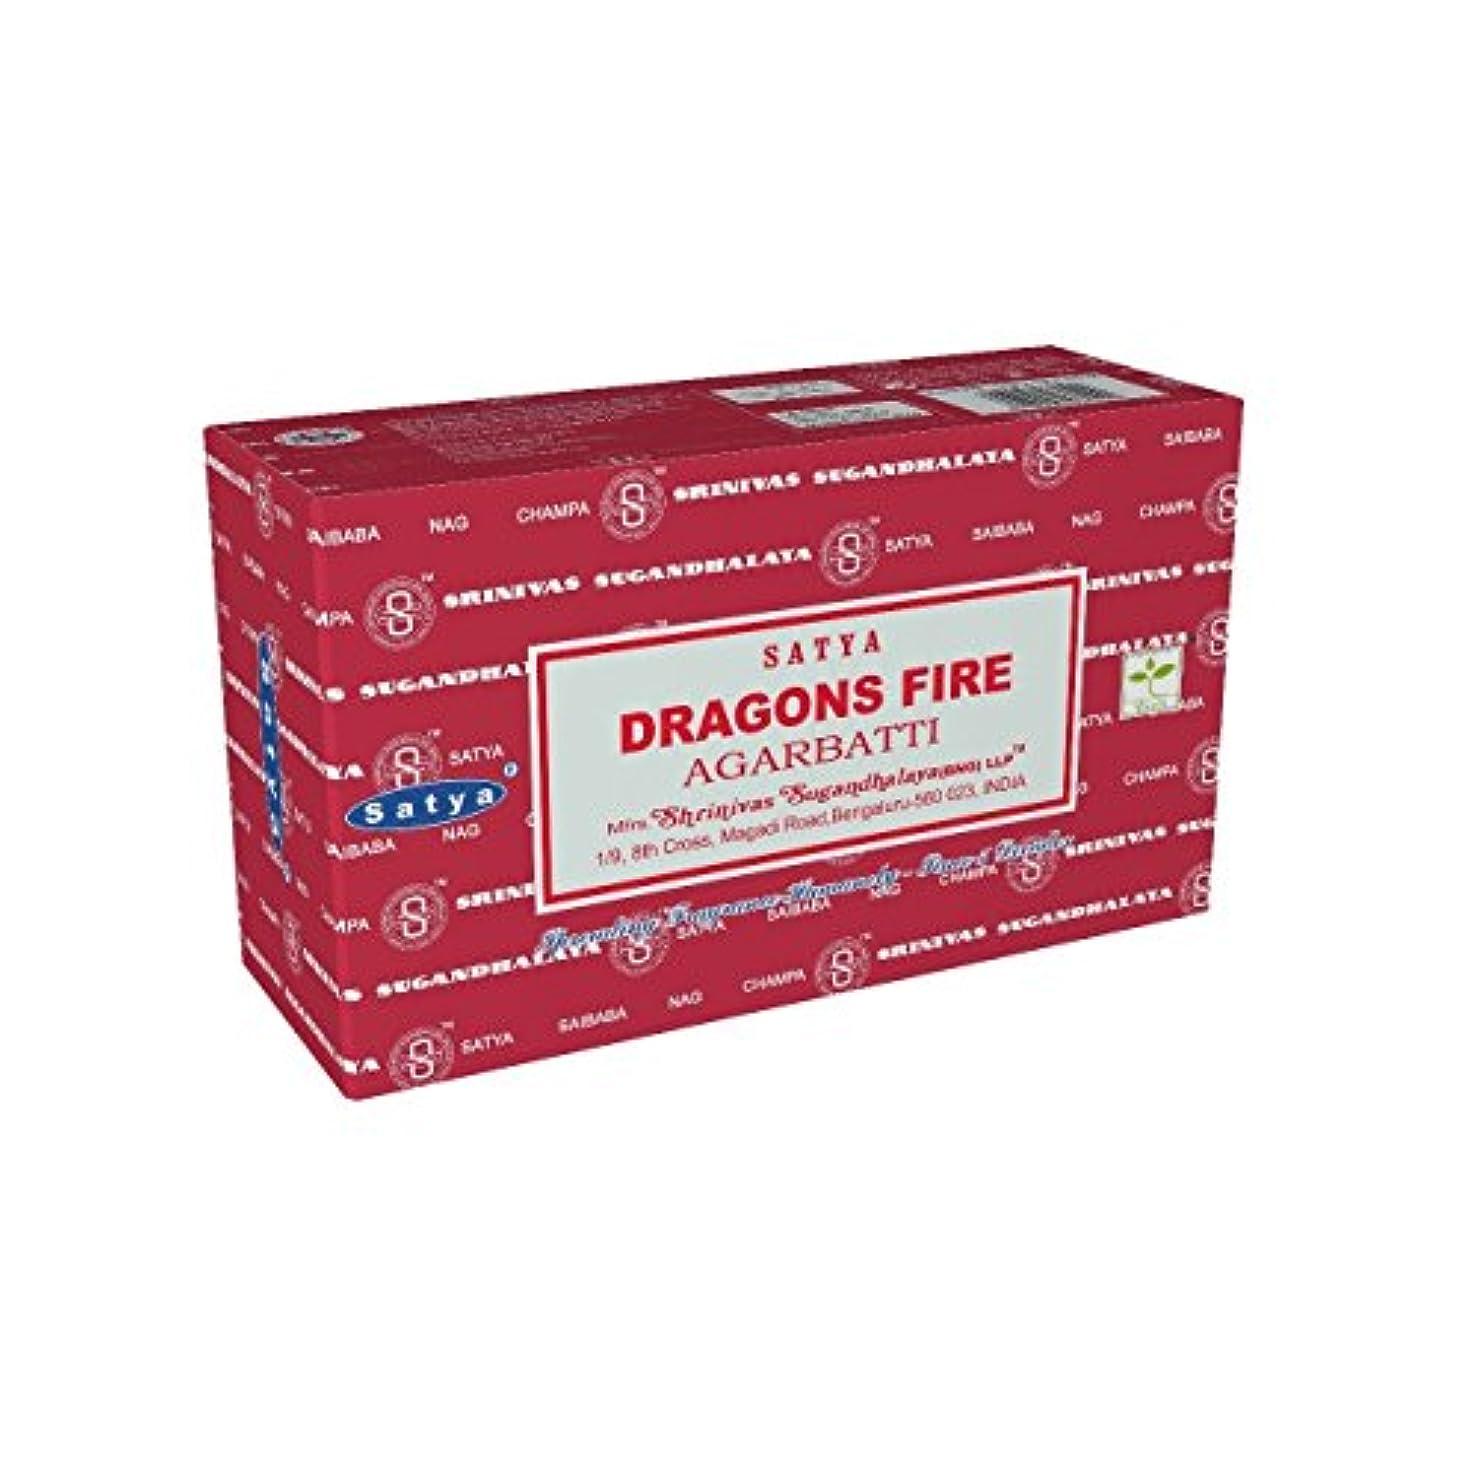 ストレッチ複雑なセクタSatyaバンガロール(BNG) Dragon 's Fire Incense Sticks 12ボックスX合計15 g180グラム